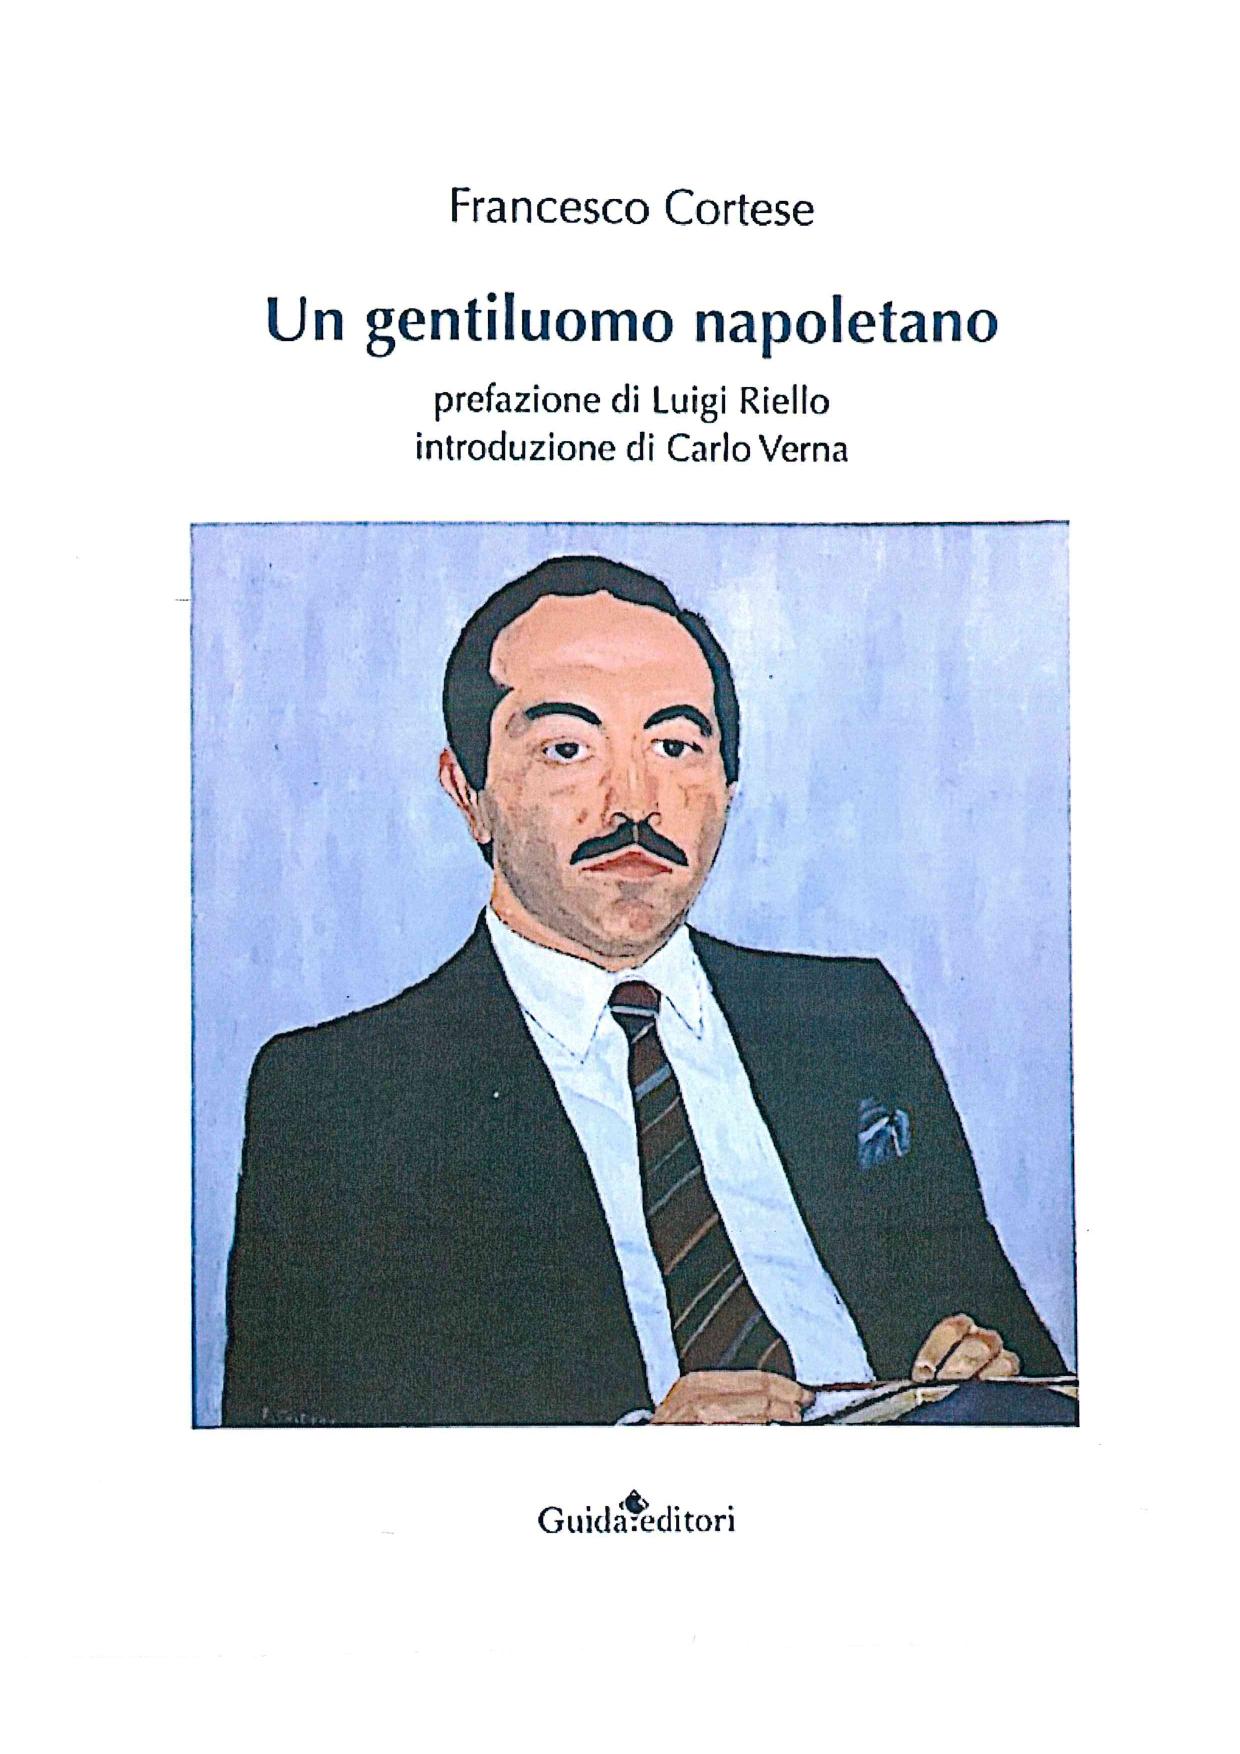 """All'Istituto di Cultura Meridionale la presentazione del libro """"Un gentiluomo napoletano"""" di Francesco Cortese"""